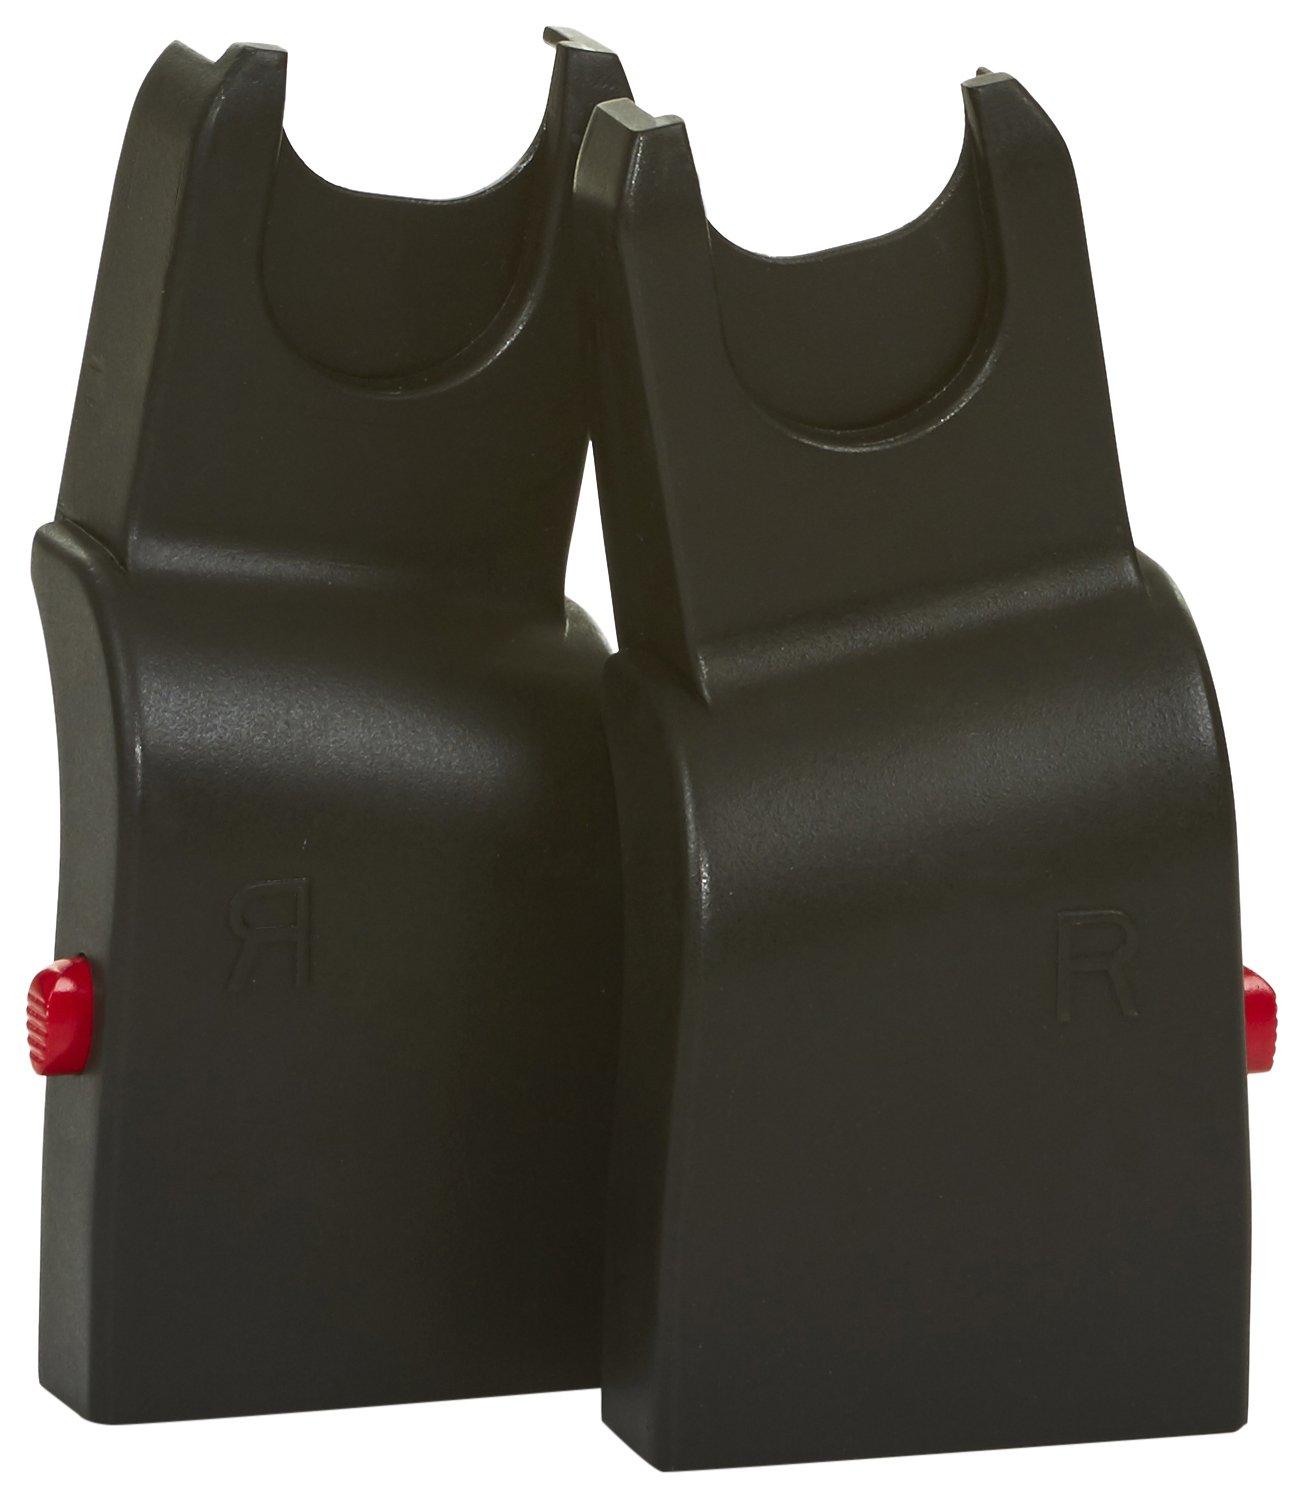 ABC Design 9130500 chili/salsa/condor/turbo/viper/pepper/zoom/maxi-cosi/cybex/kiddy Adaptateur, noir AB9130500